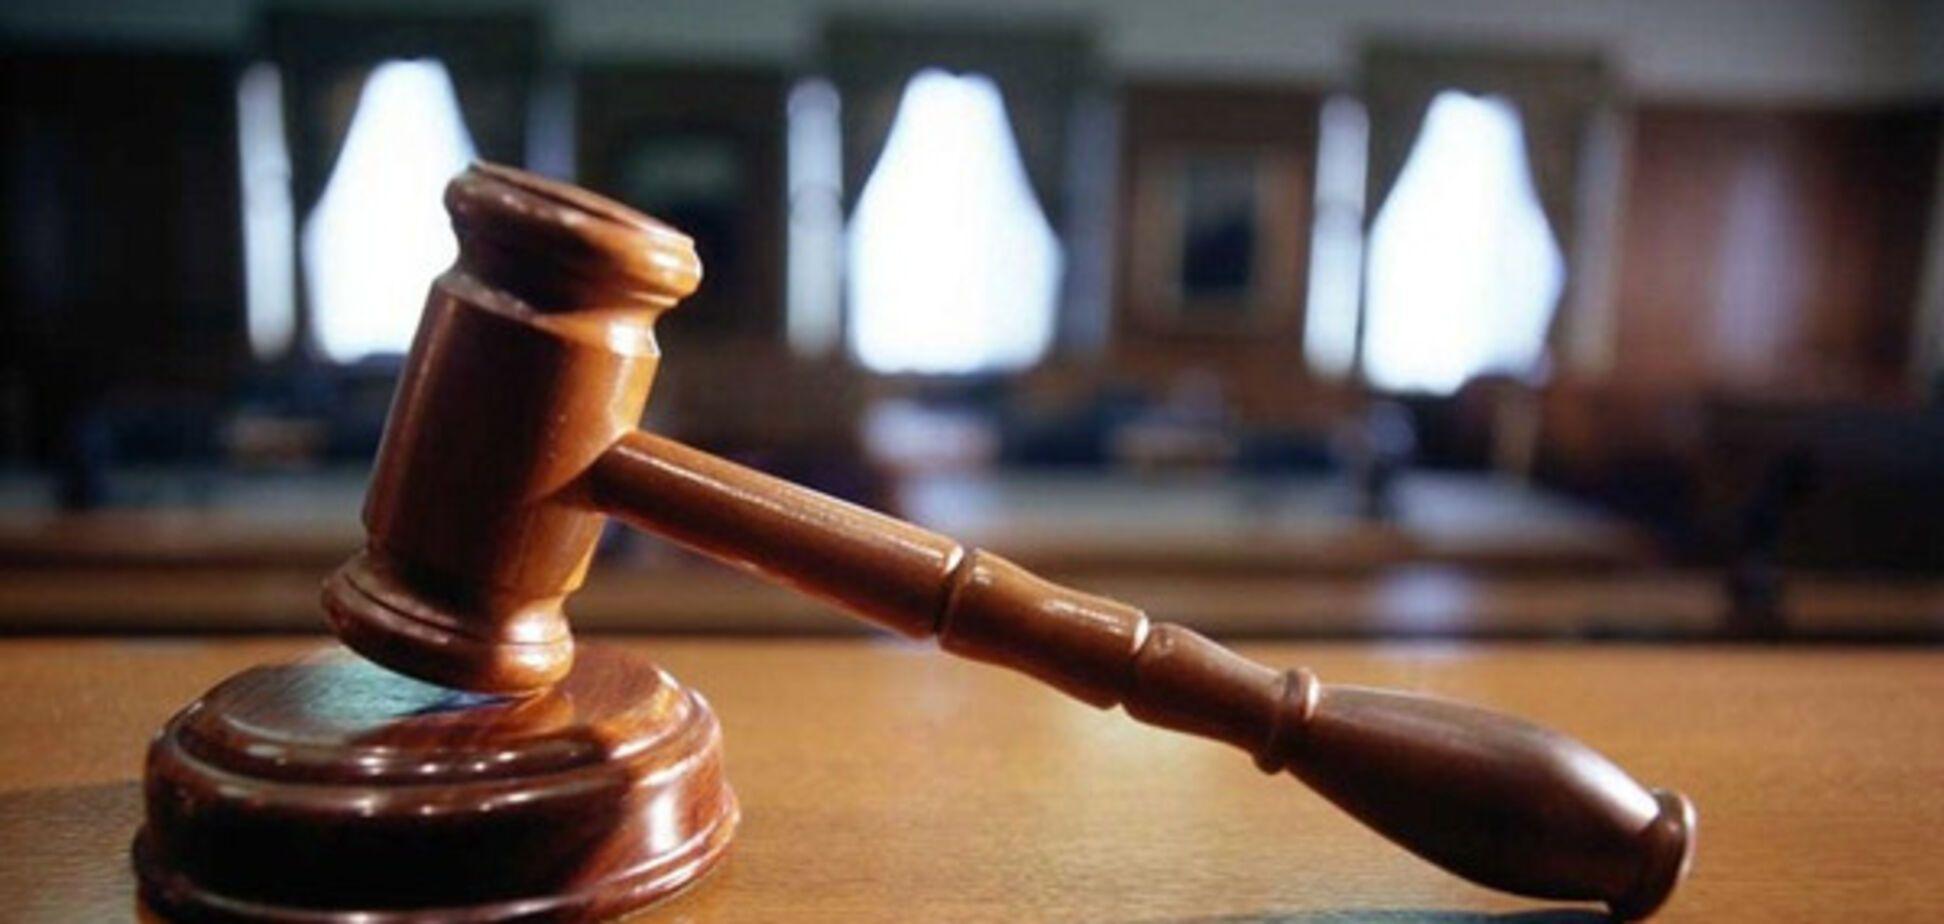 Суд арестовал недвижимость и деньги братьев Клюевых